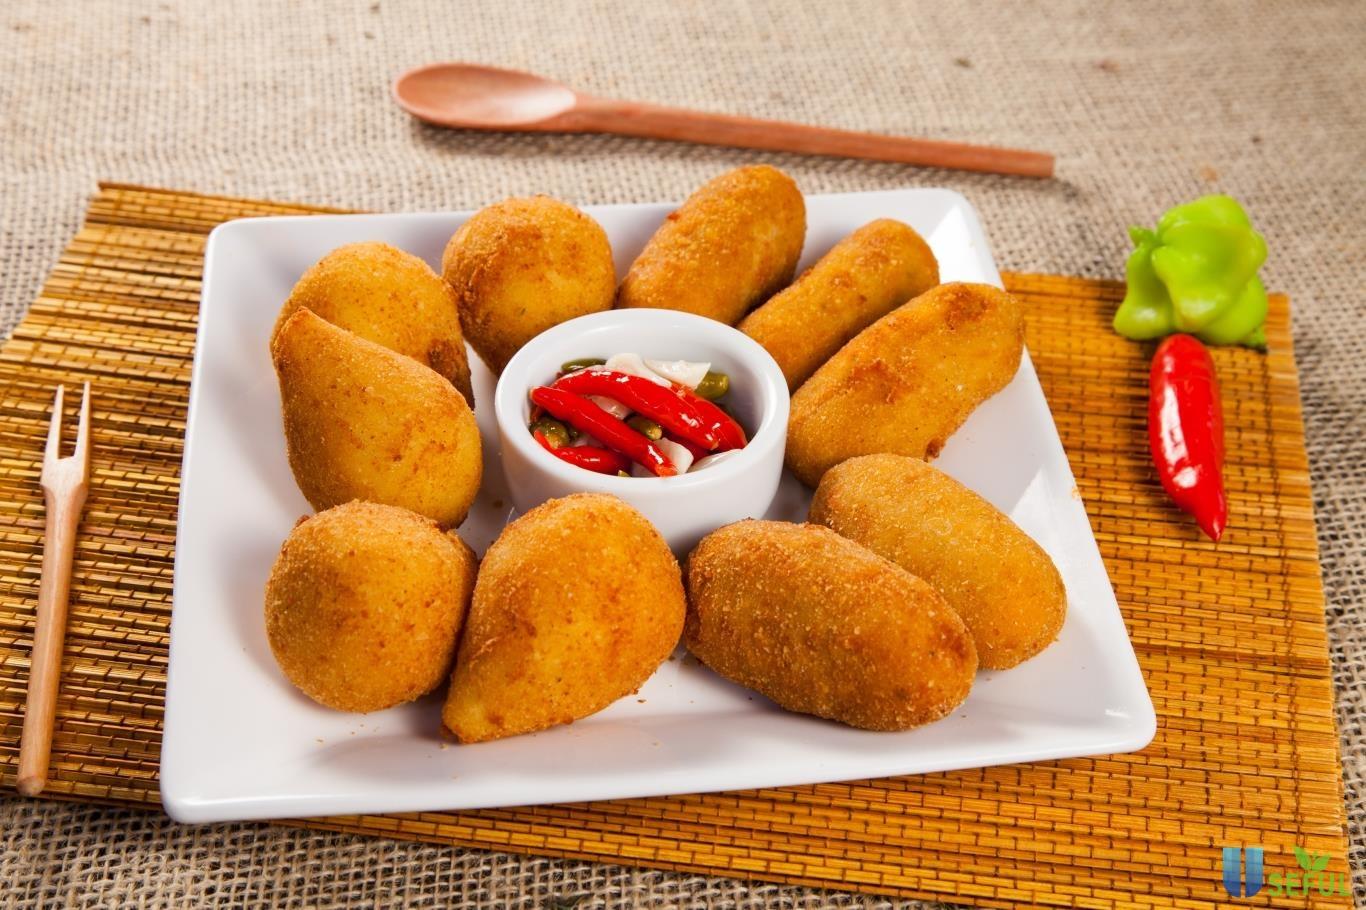 Hình ảnh món ăn nổi tiếng tại vùng Địa Trung Hải hấp dẫn du khách